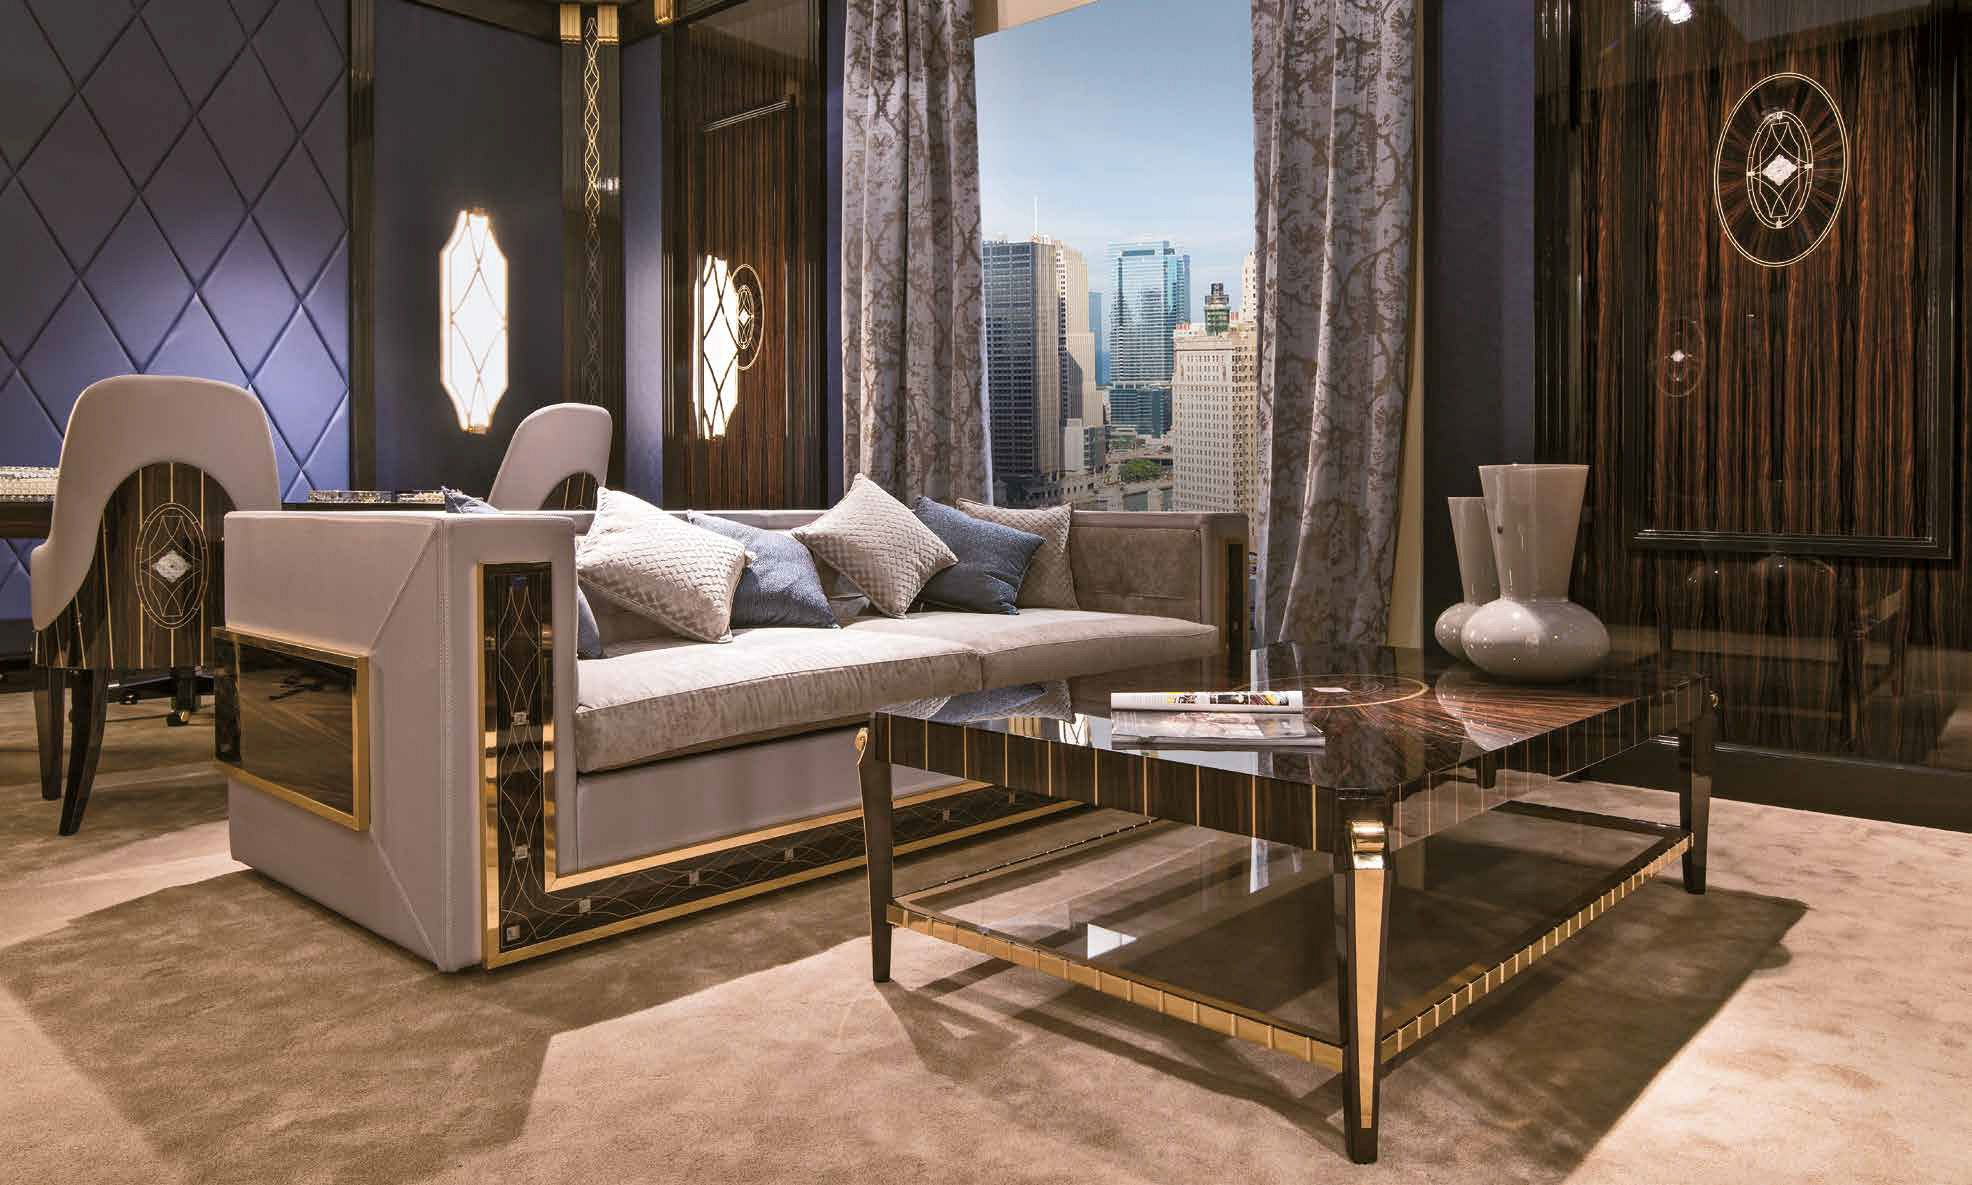 Итальянская мебель: 1001 и 1 способ показать отменный вкус